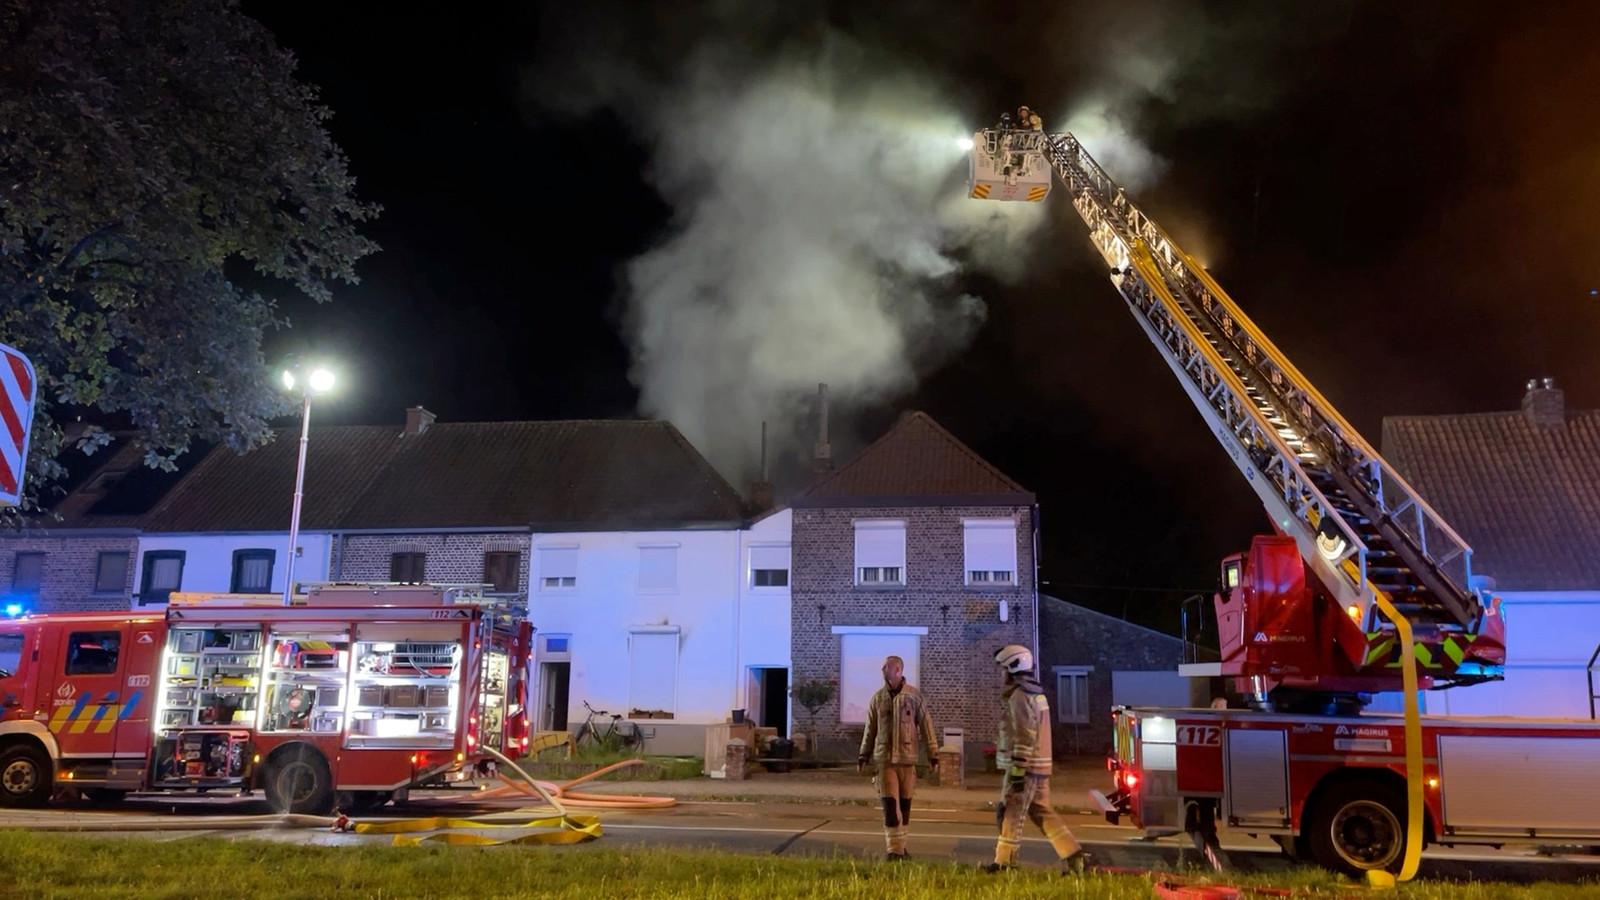 De zware brand ontstond achteraan een woning, in de keuken. Het vuur ging met hevige rook gepaard.